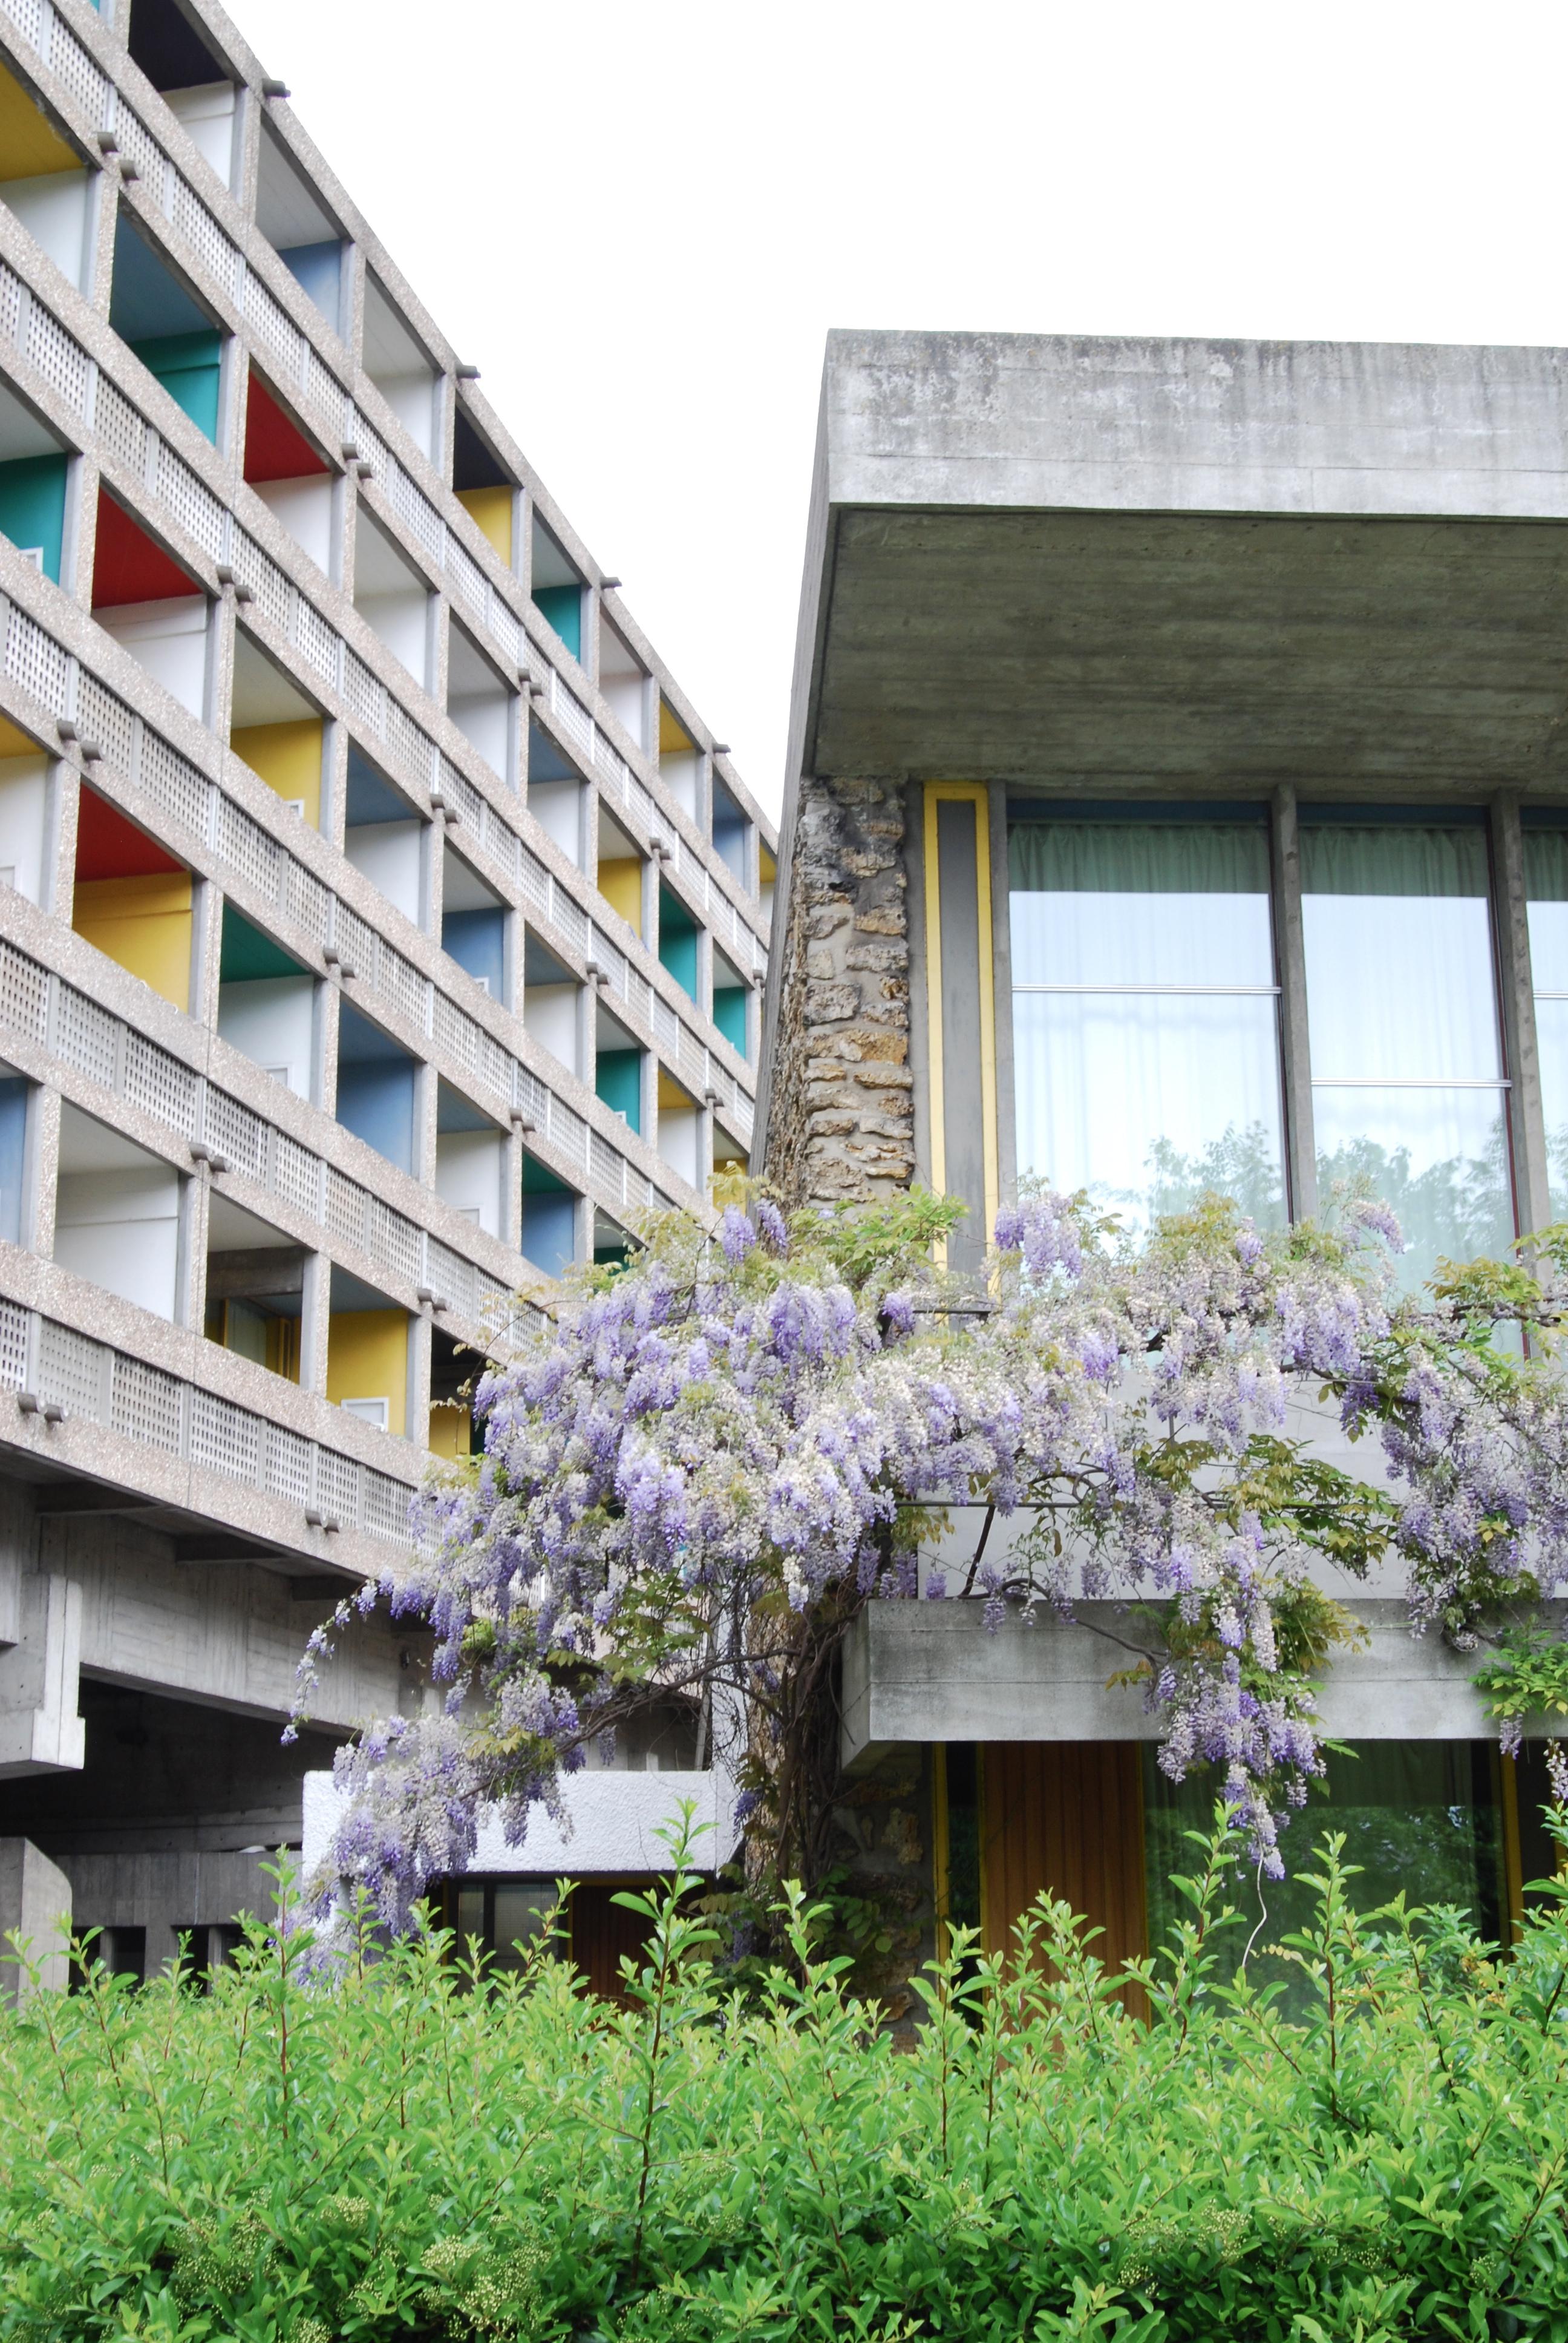 Maison du brasil paris by le corbusier cate - Maison du bresil paris ...